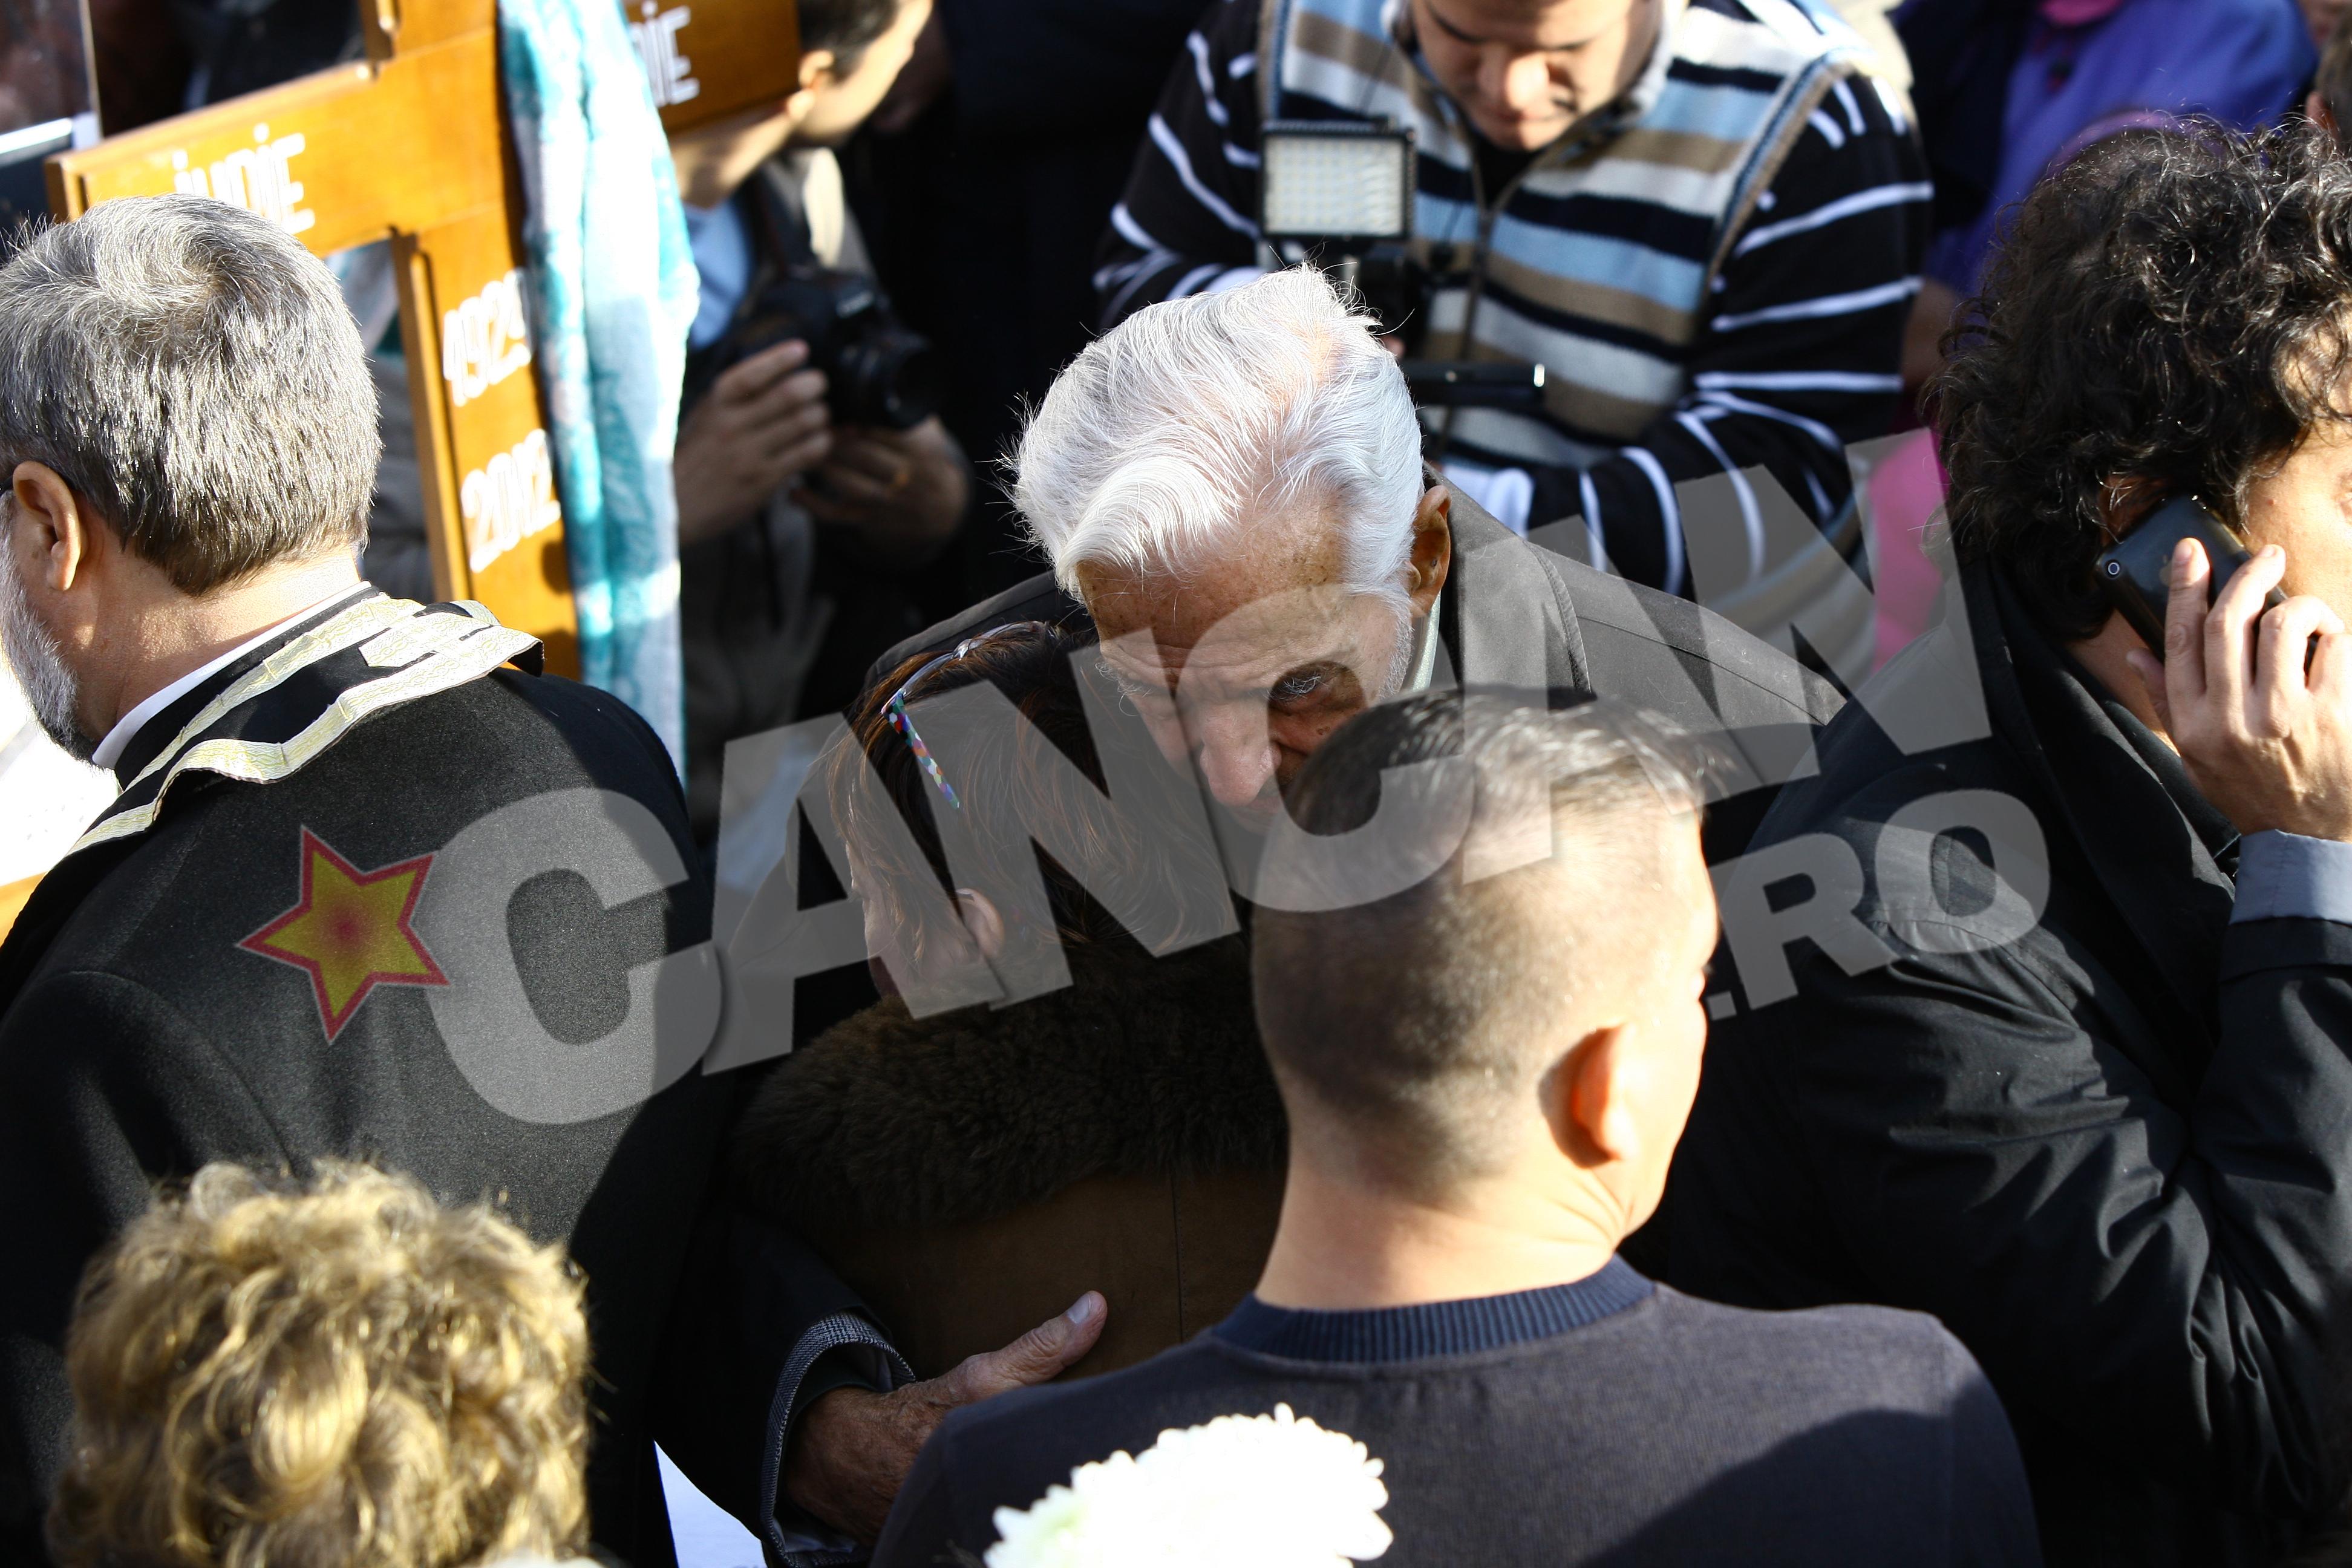 Coplesita de durere, Anca Pandrea a cautat alinare in bratele regizorului Sergiu Nicolaescu